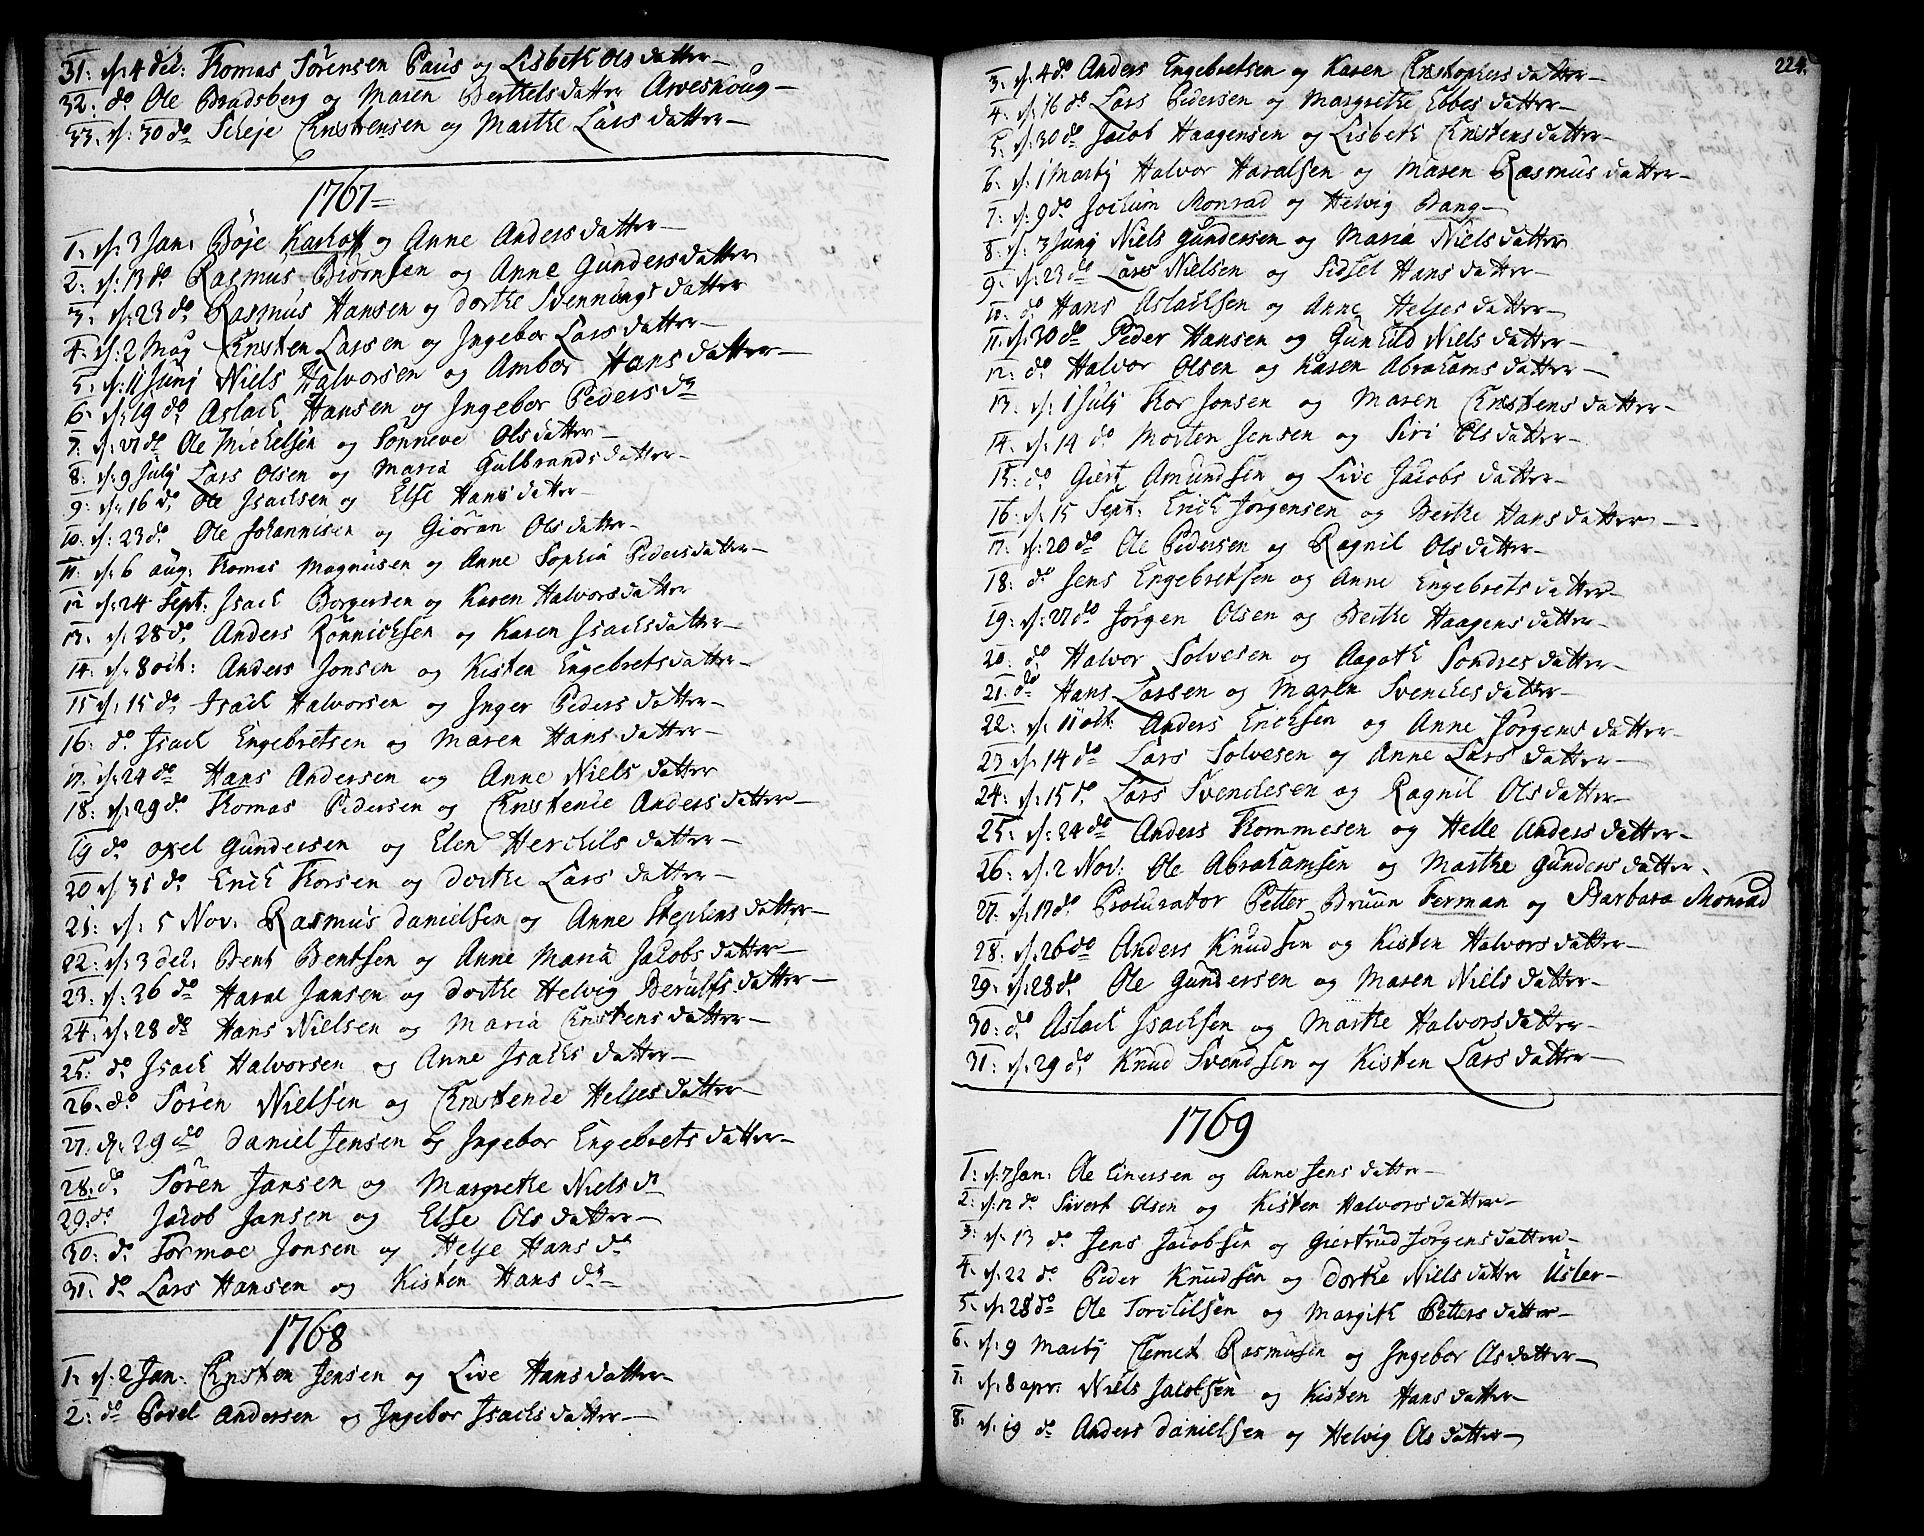 SAKO, Gjerpen kirkebøker, F/Fa/L0002: Ministerialbok nr. 2, 1747-1795, s. 224